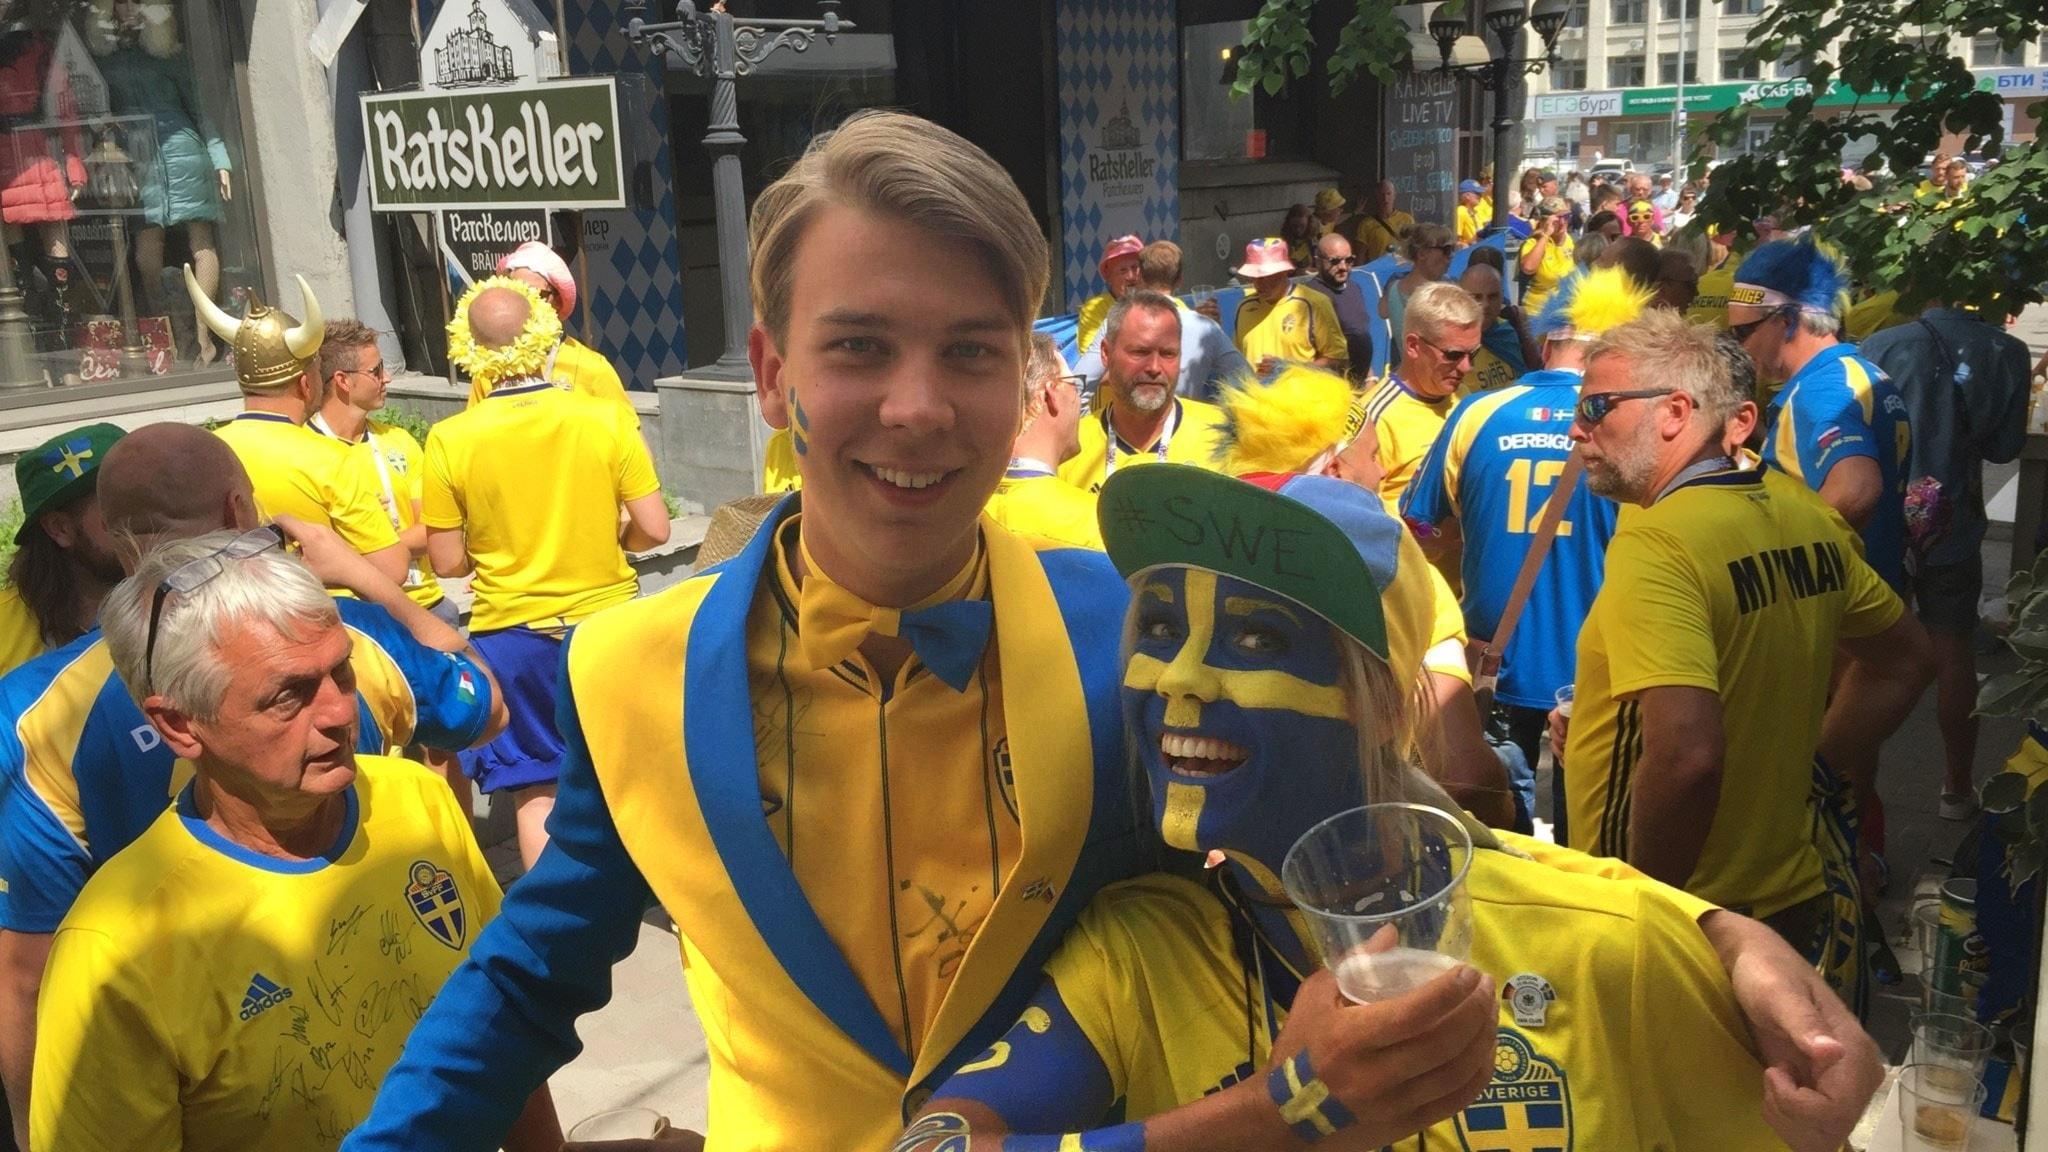 Sa laddar de svenska fansen